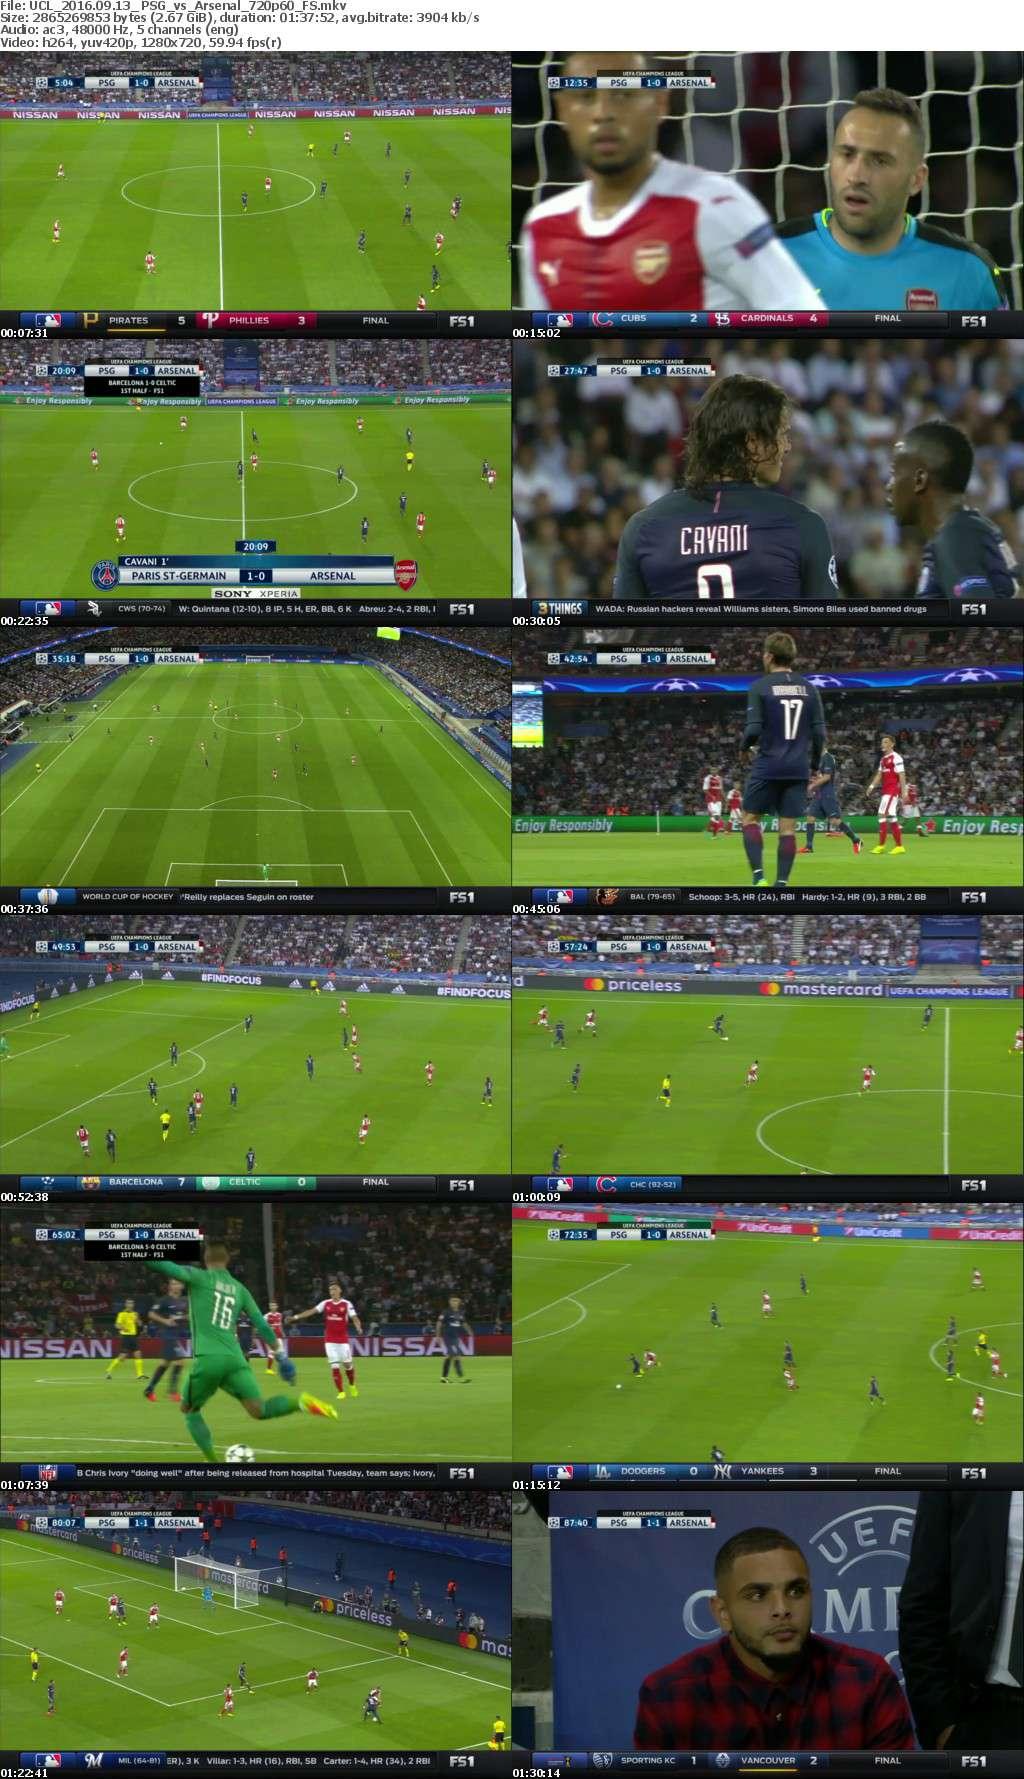 UCL 2016 09 13 PSG vs Arsenal 720p60 FS